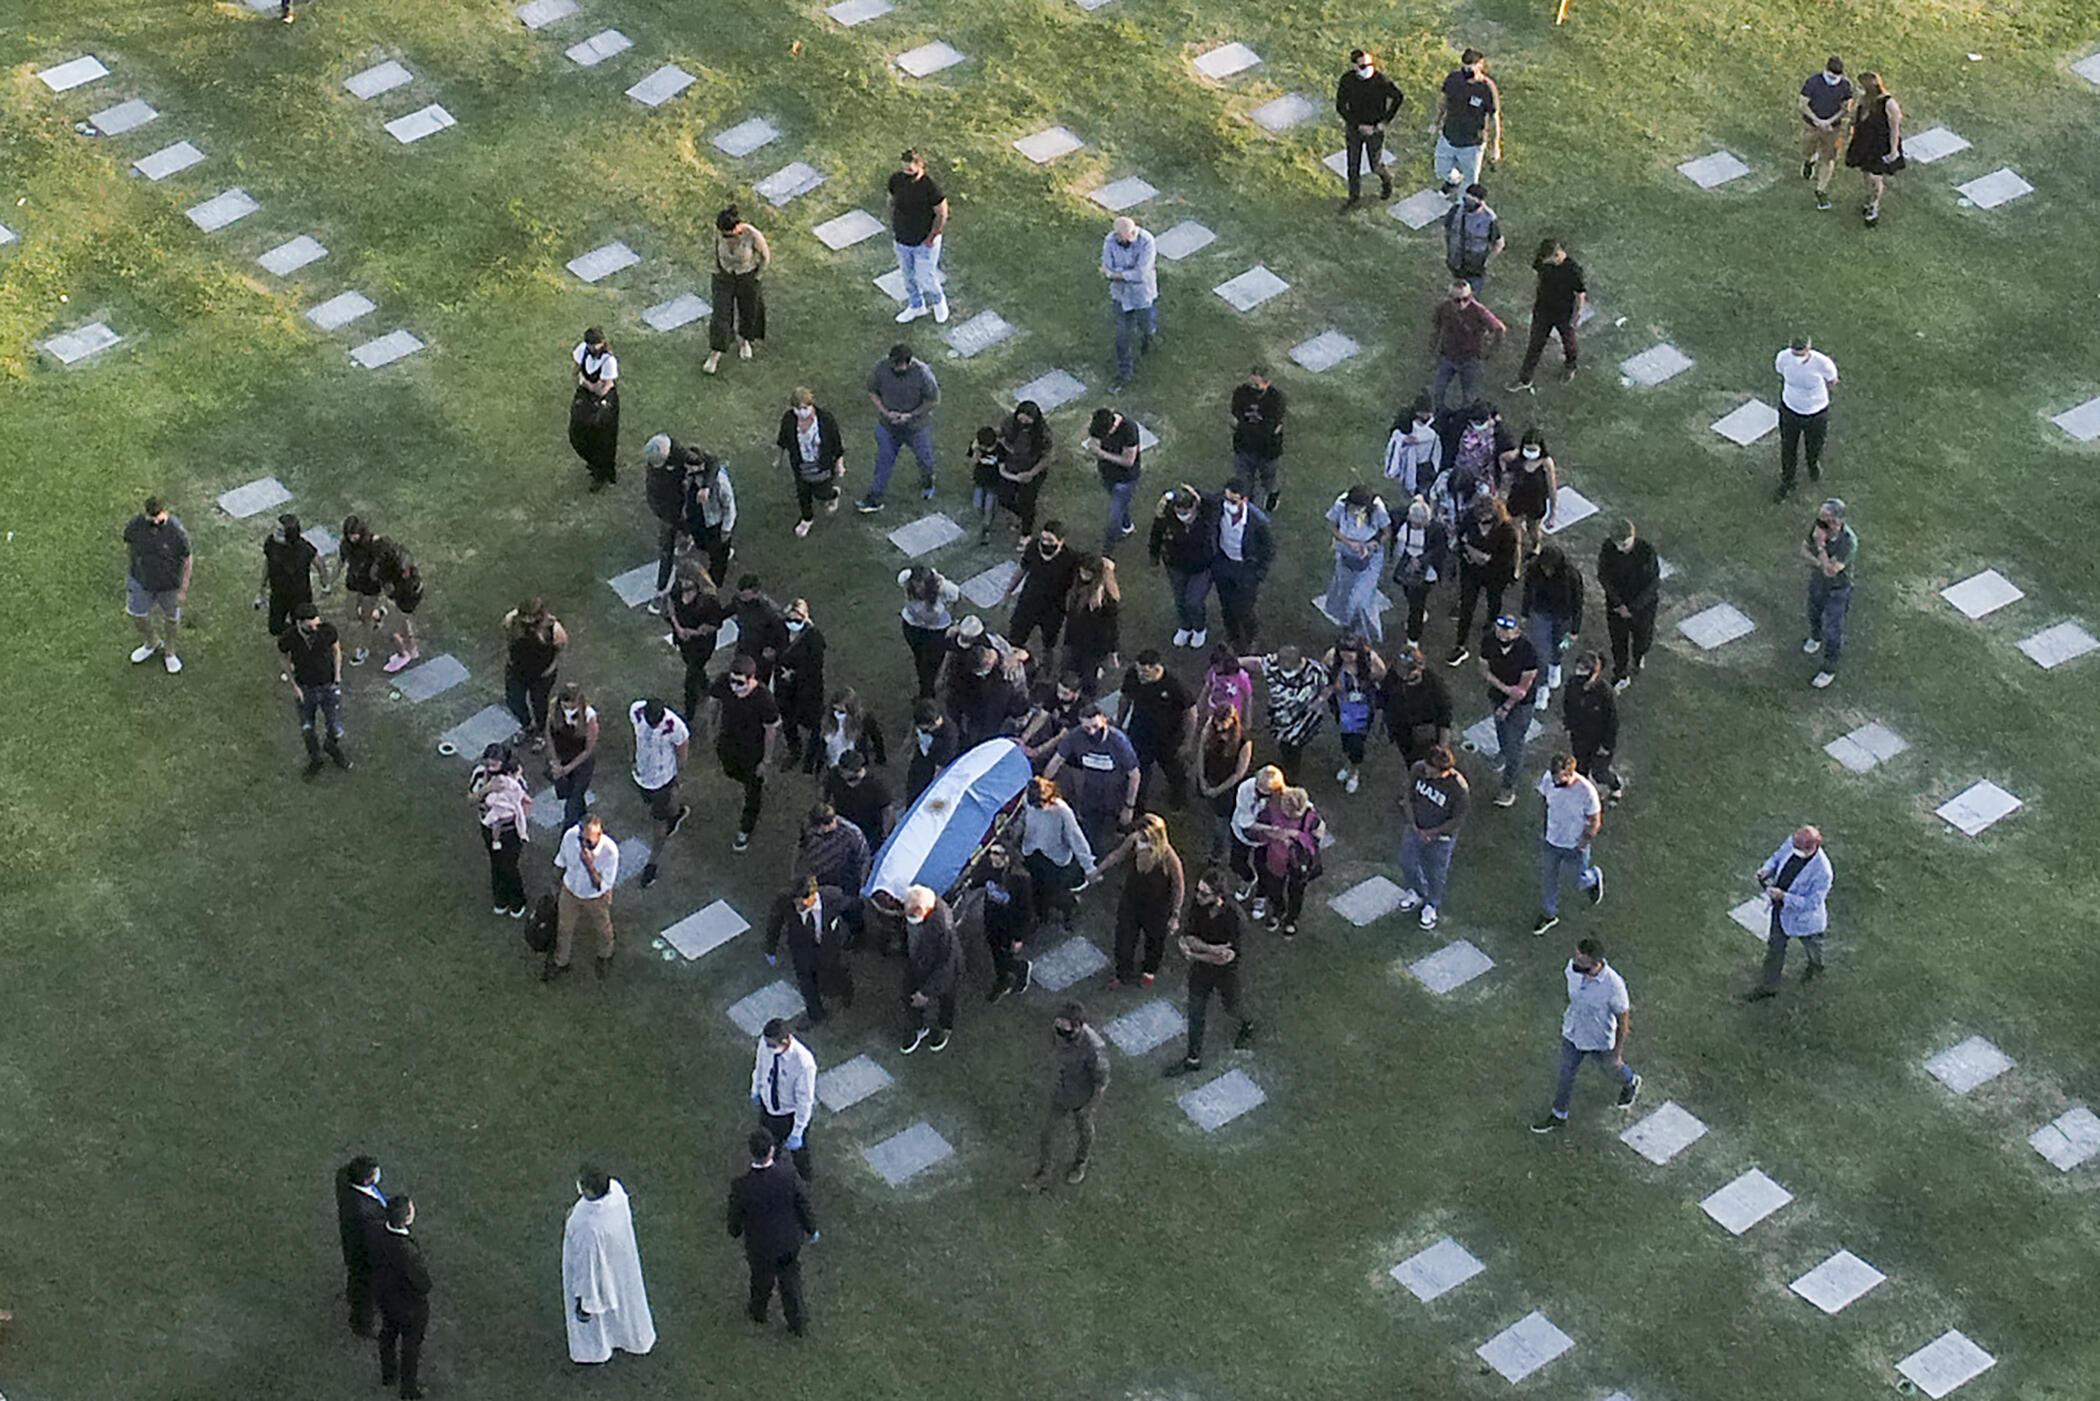 26 ноября 2026 года, похороны Диего Марадоны.